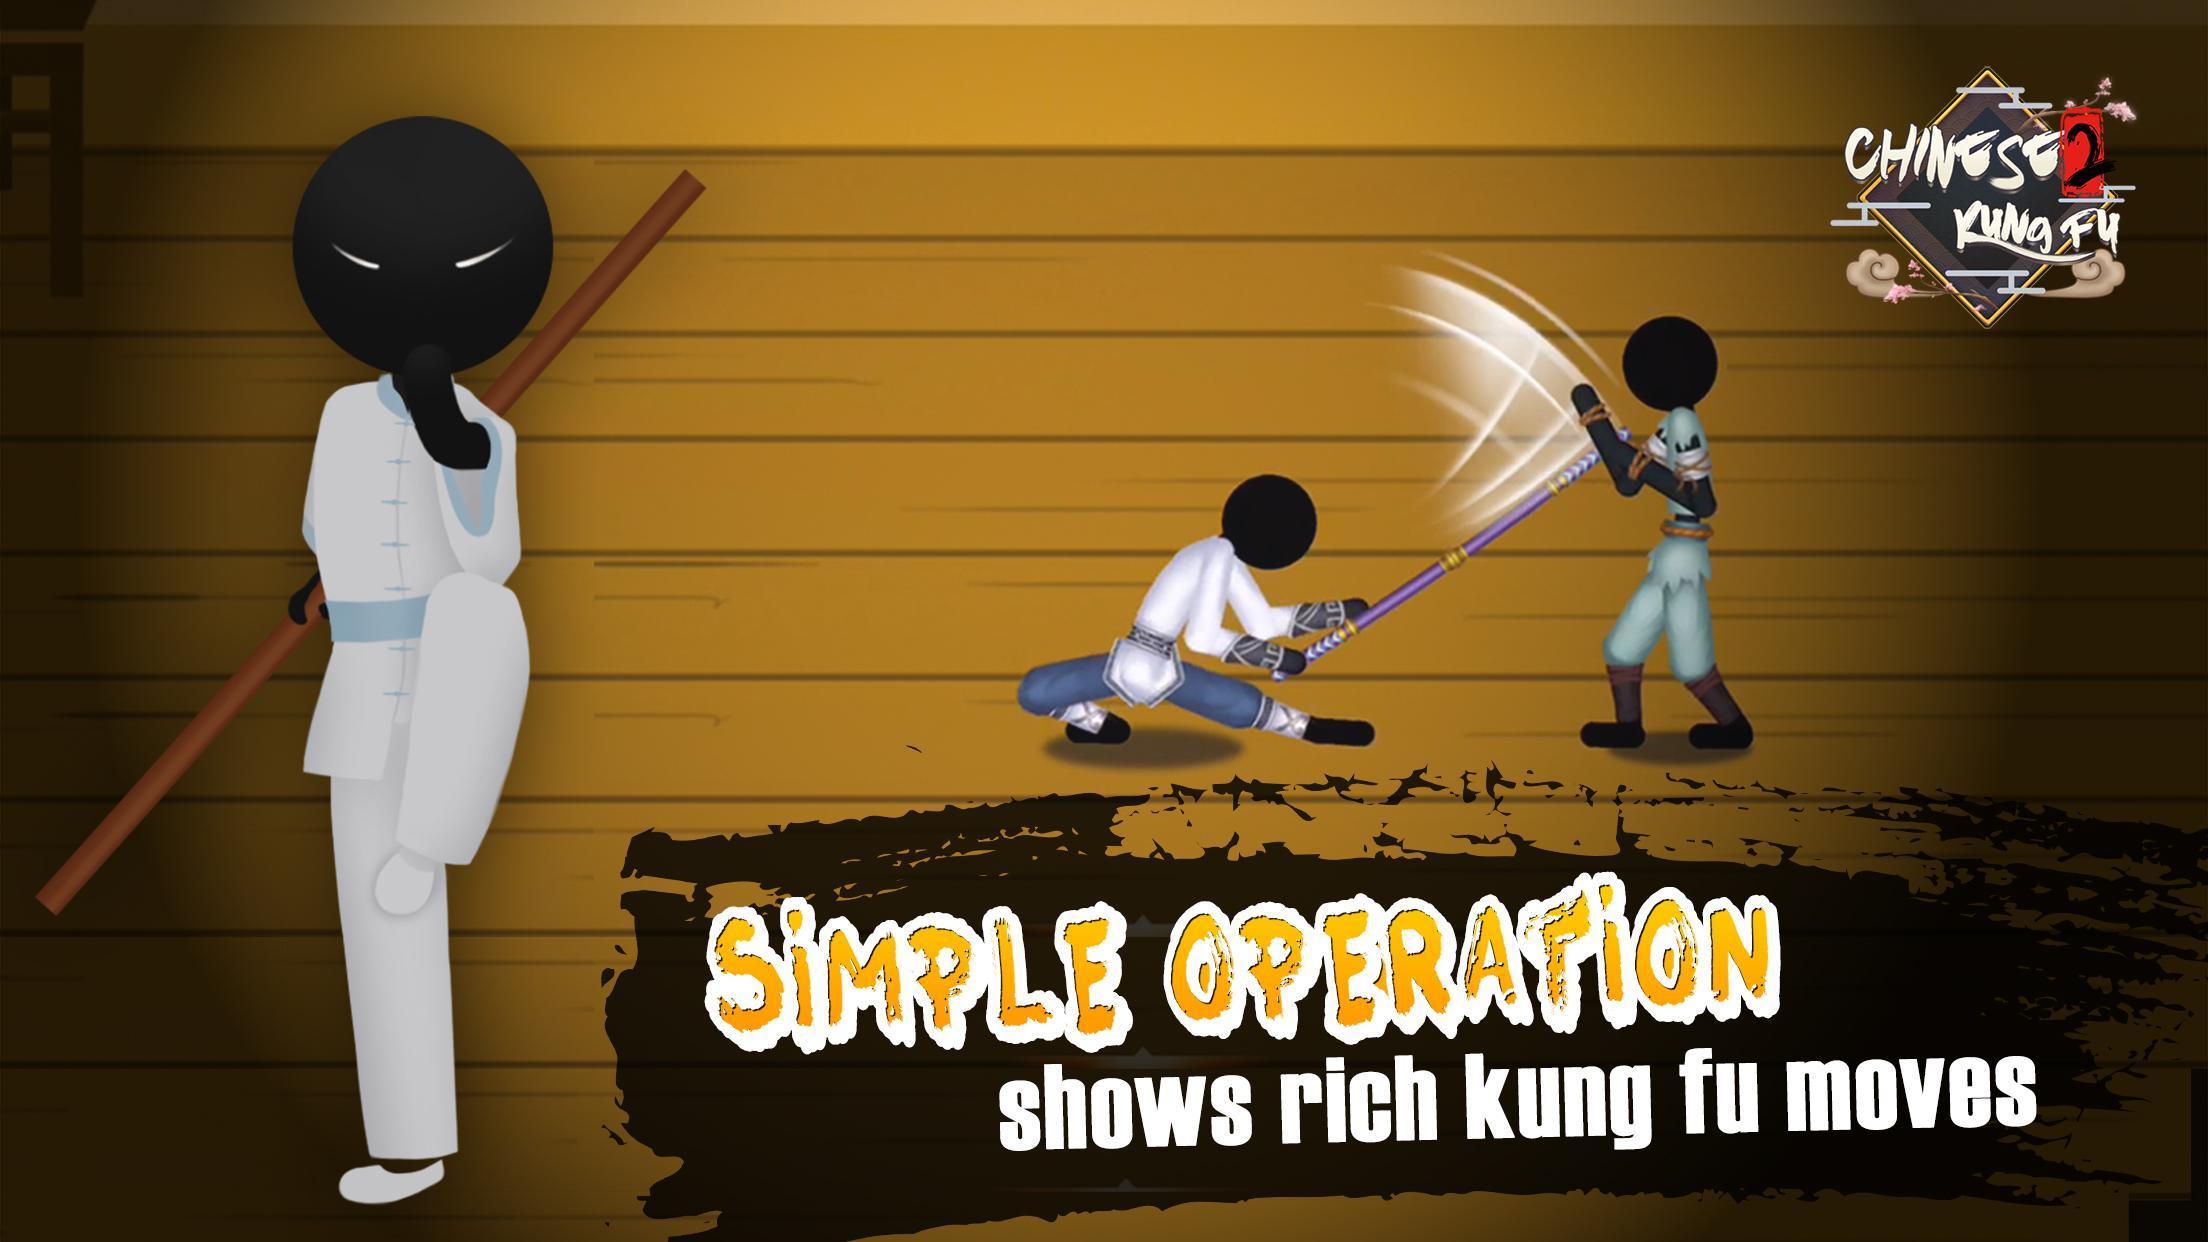 Chinese Kungfu 3.2.1 Screenshot 16